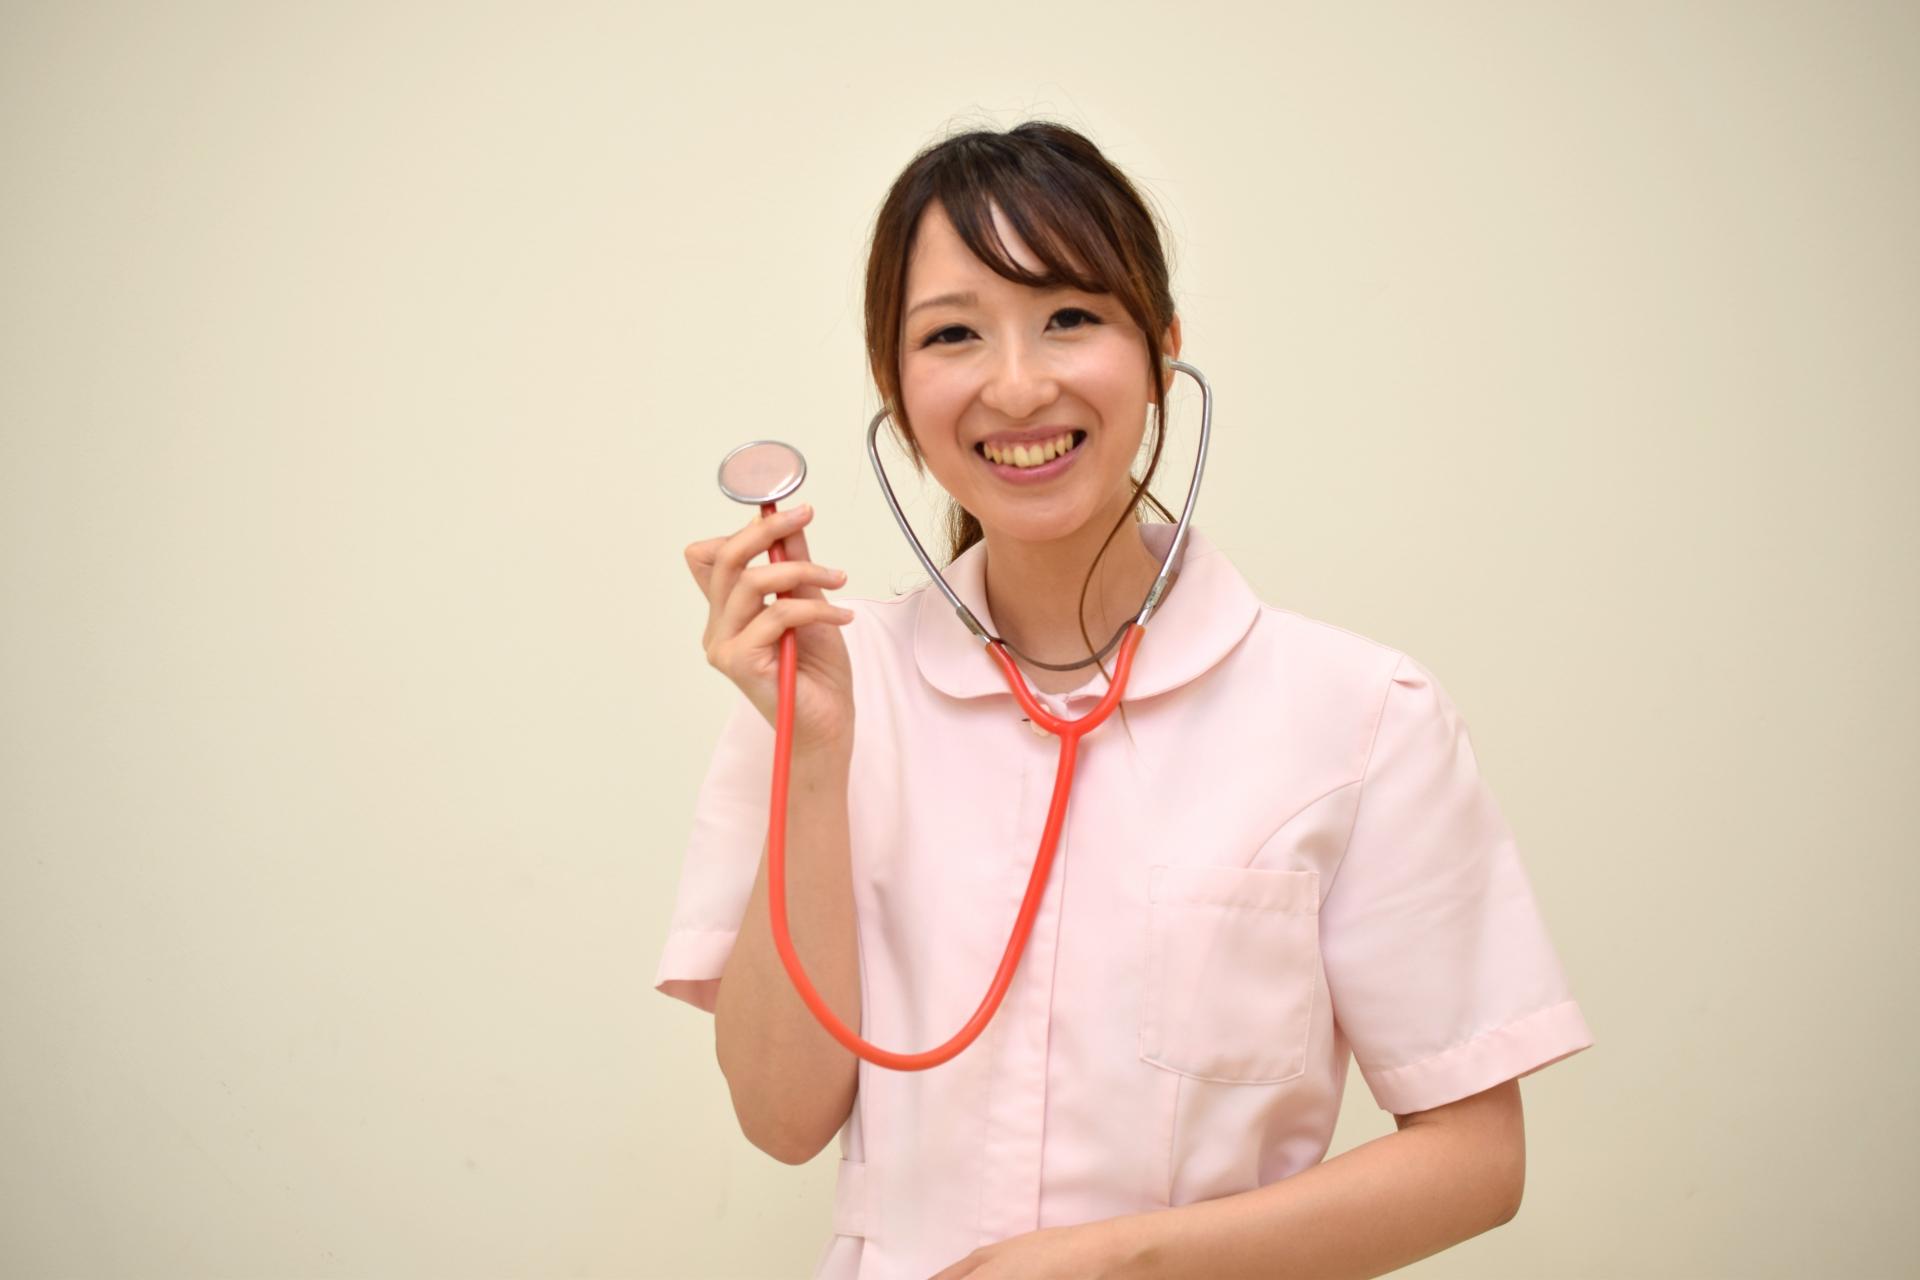 看護専門学校への入試勉強方法で社会人に必要なコツとポイント